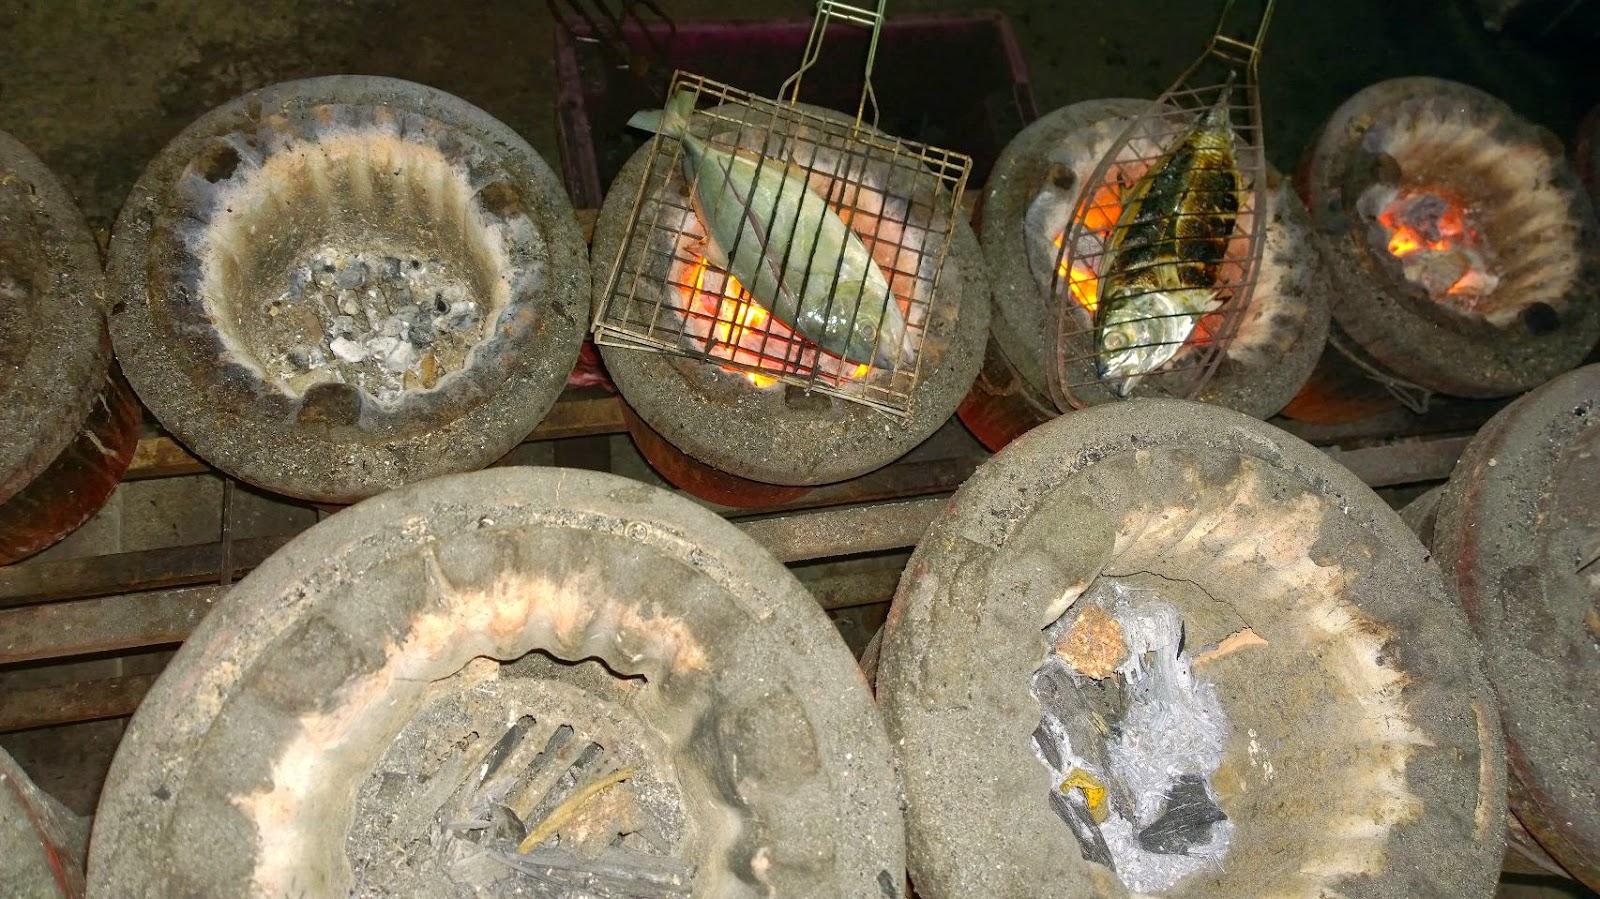 Ikan Bakar Dapur Arang Desainrumahid